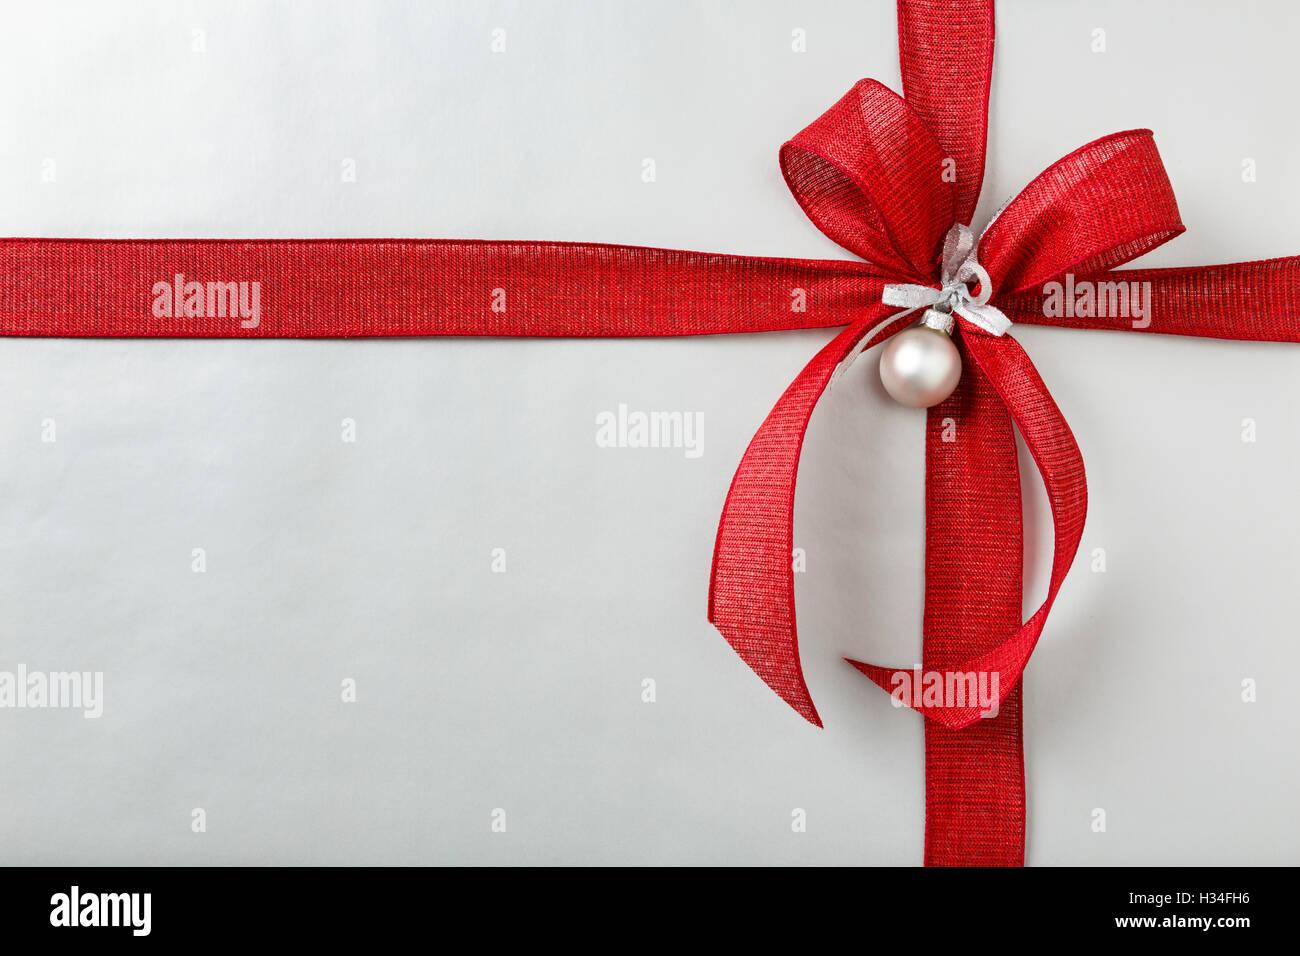 Weihnachts-Geschenk Weihnachten präsentieren Hintergrund mit ...